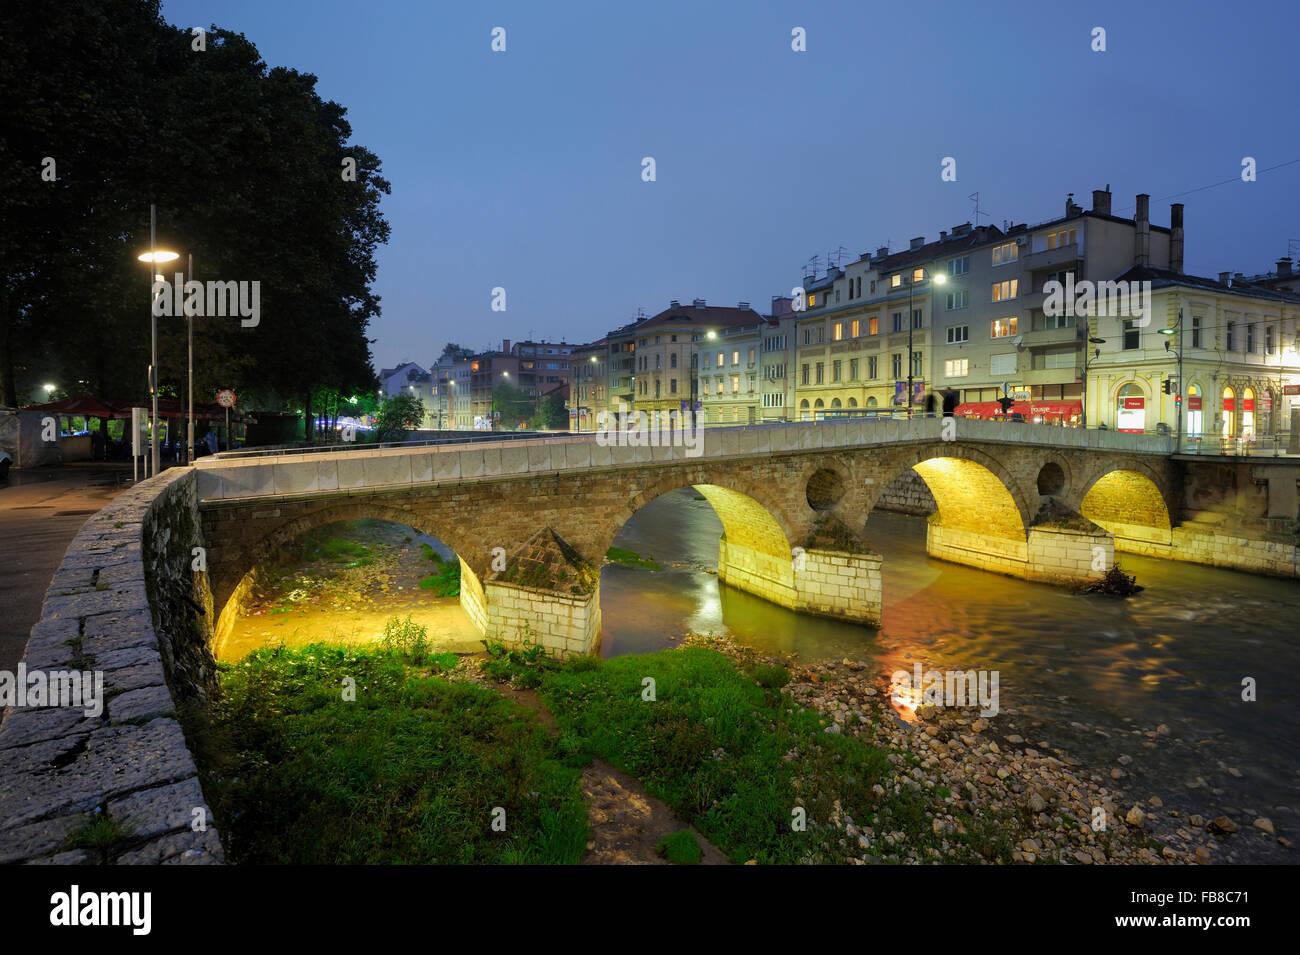 Pont Latinska Cuprija (Latin), Stari Grad, Sarajevo, canton de Sarajevo, Federacija Bosne i Hercegovine, Bosnie Photo Stock